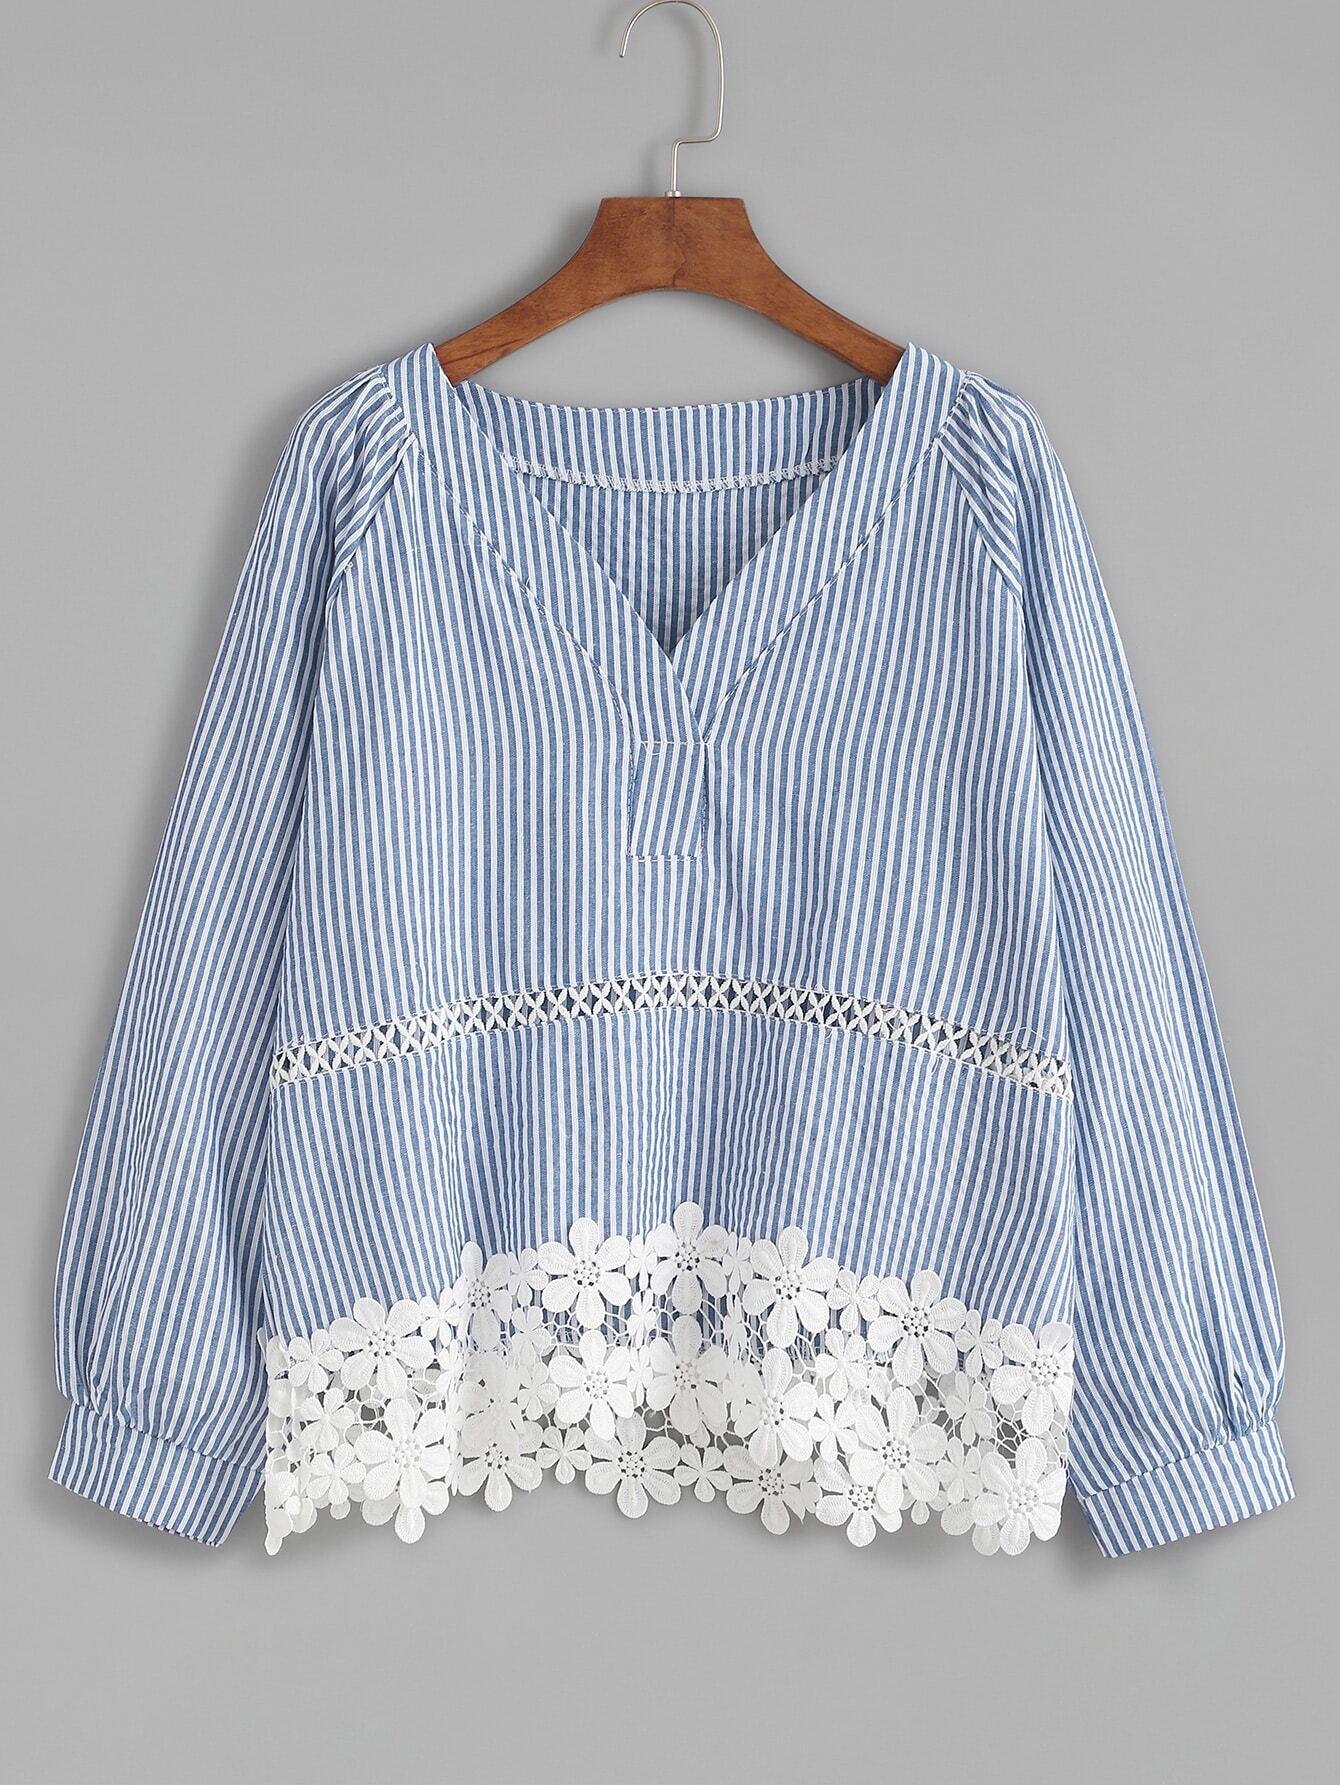 Blue Vertical Striped Contrast Applique Trim Top blouse161012132